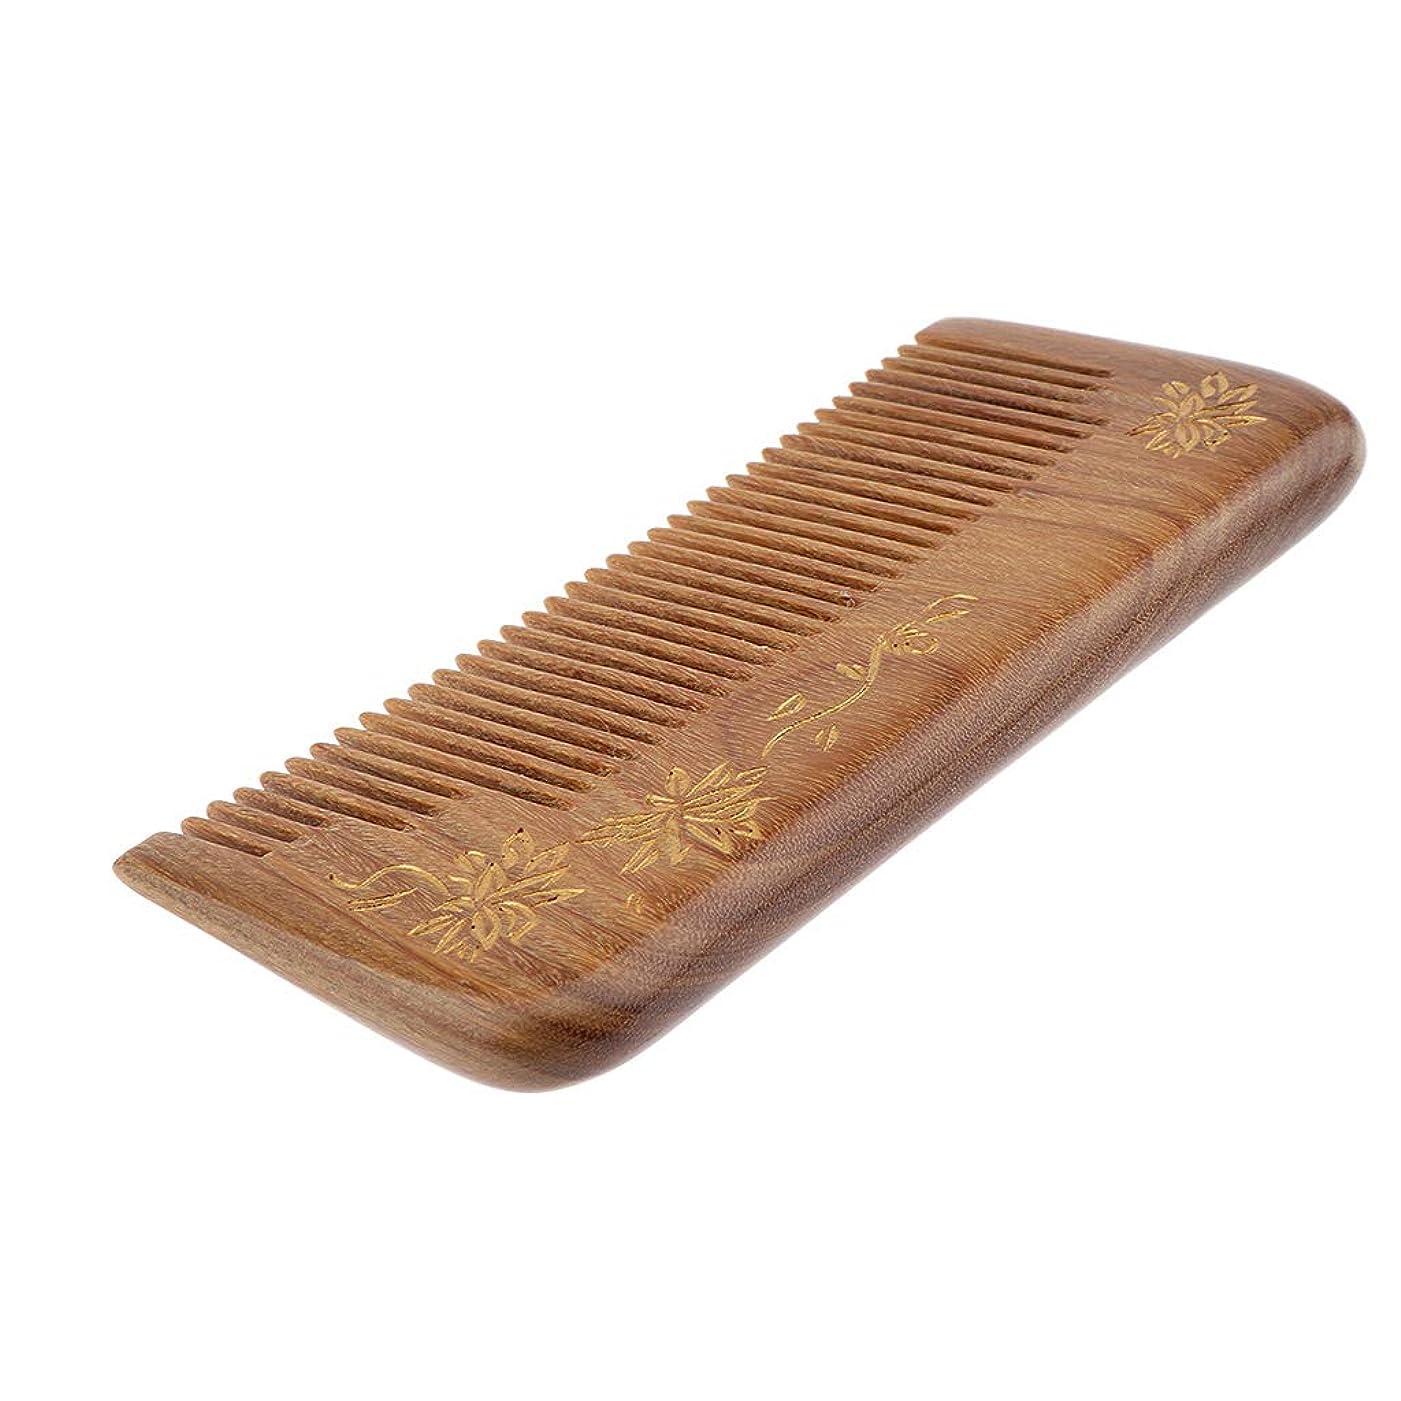 前書きアーサー落ち込んでいるF Fityle 帯電防止櫛 ヘアブラシ 木製櫛 広い歯 自然な木 マッサージ櫛 プレゼント 4仕様選べ - #3